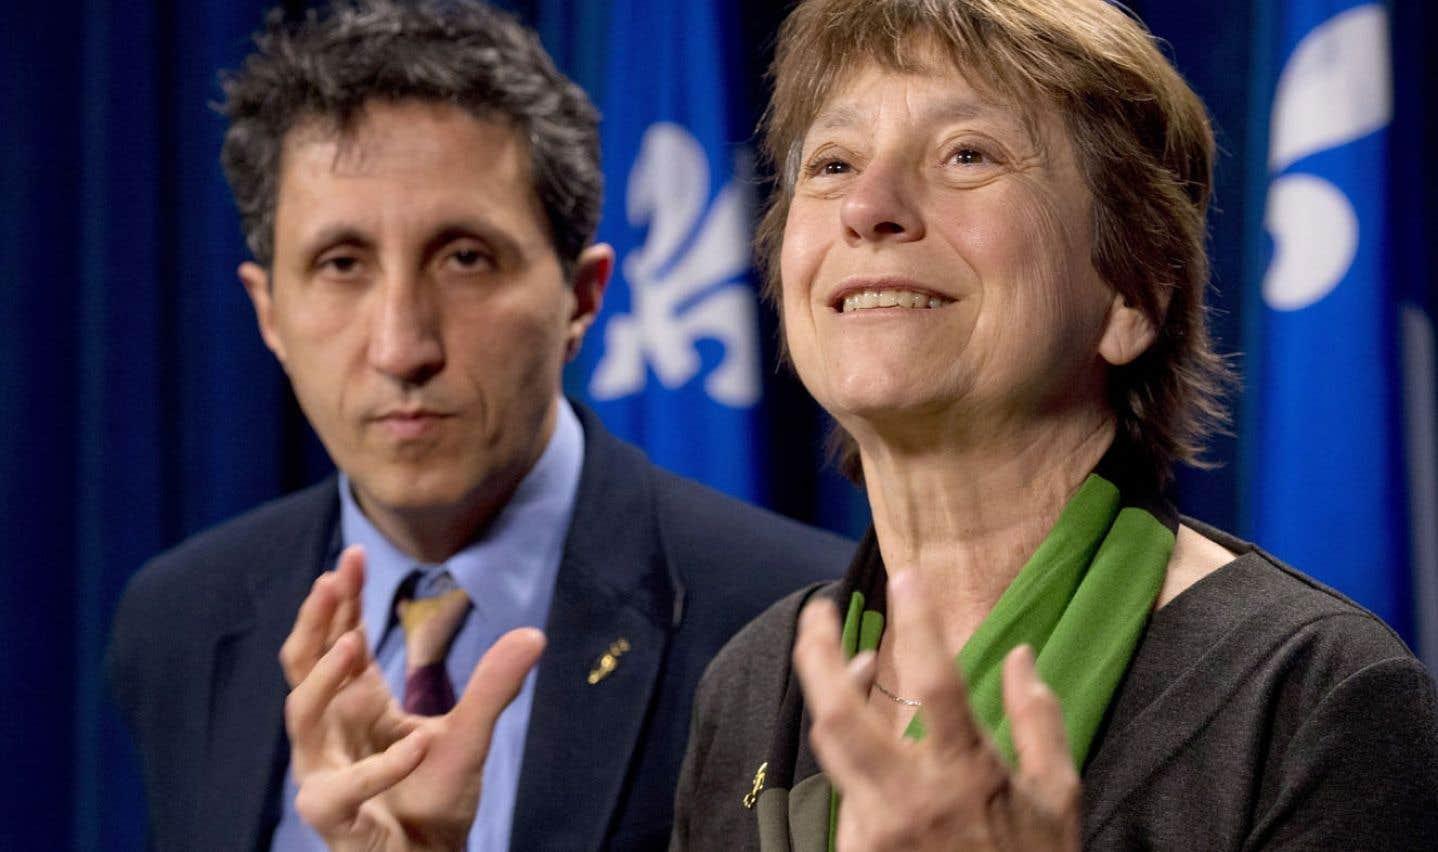 La députée de Québec solidaire Françoise David répond aux questions des journalistes en compagnie de son collègue Amir Khadir. Québec solidaire, qui cherchait depuis mardi à présenter une motion sur les paradis fiscaux, s'est fait damer le pion par la Coalition avenir Québec jeudi.